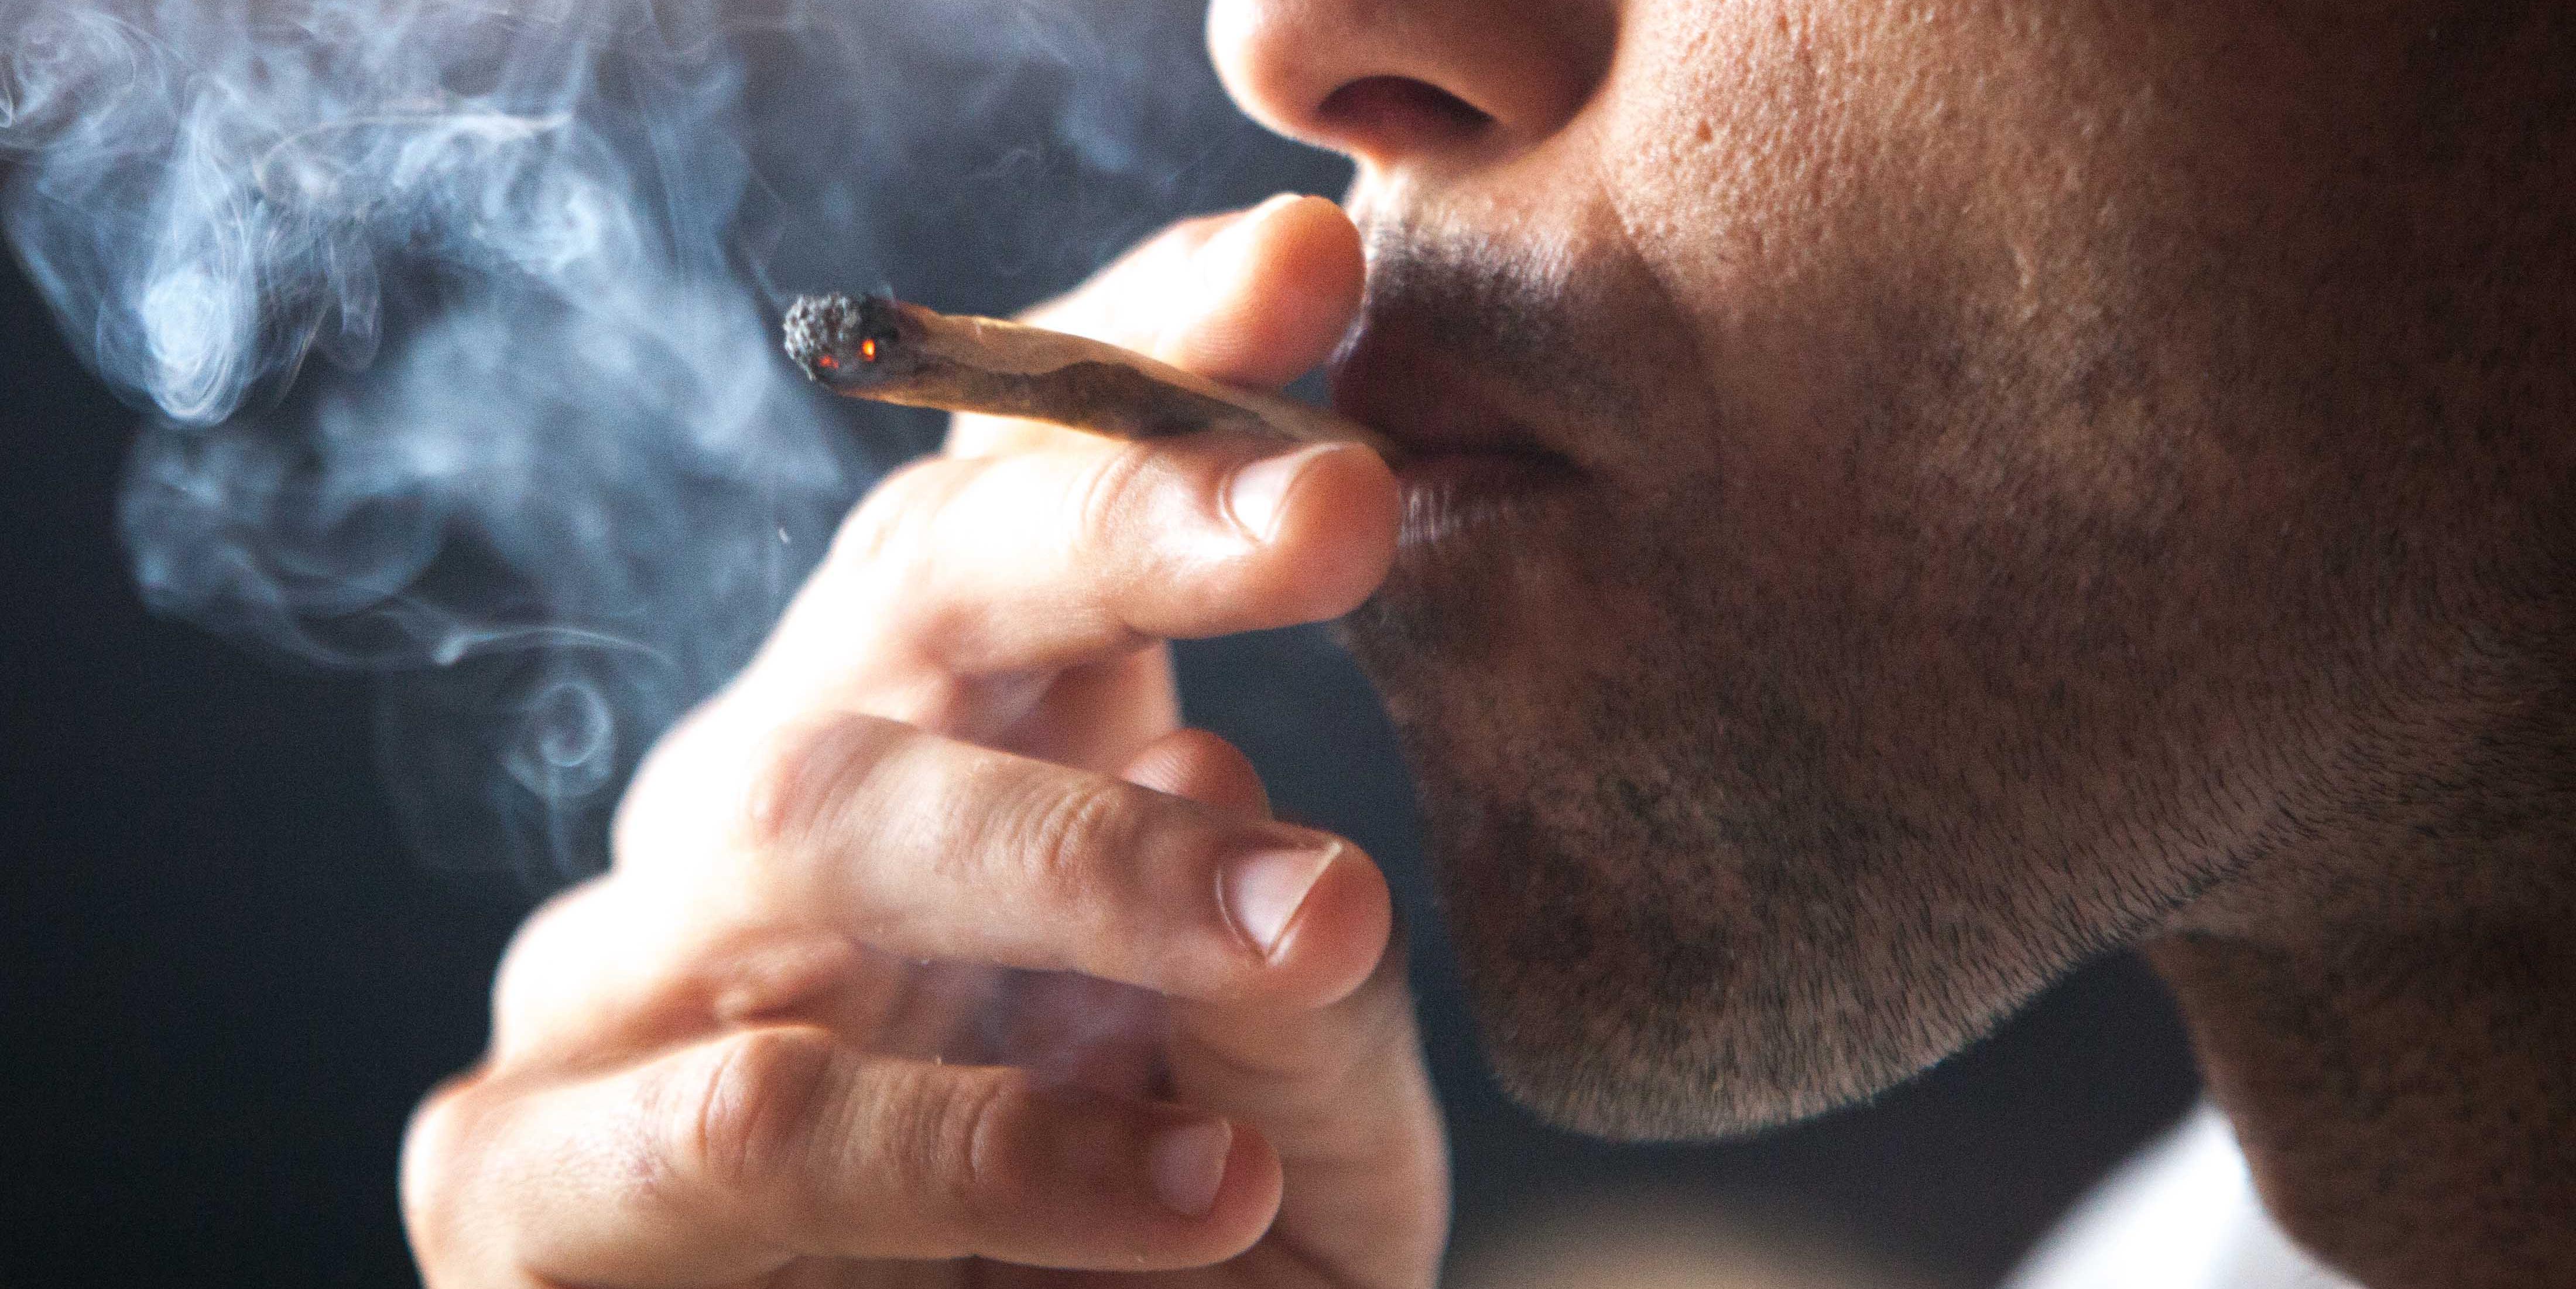 magas vérnyomás marihuánát dohányozni